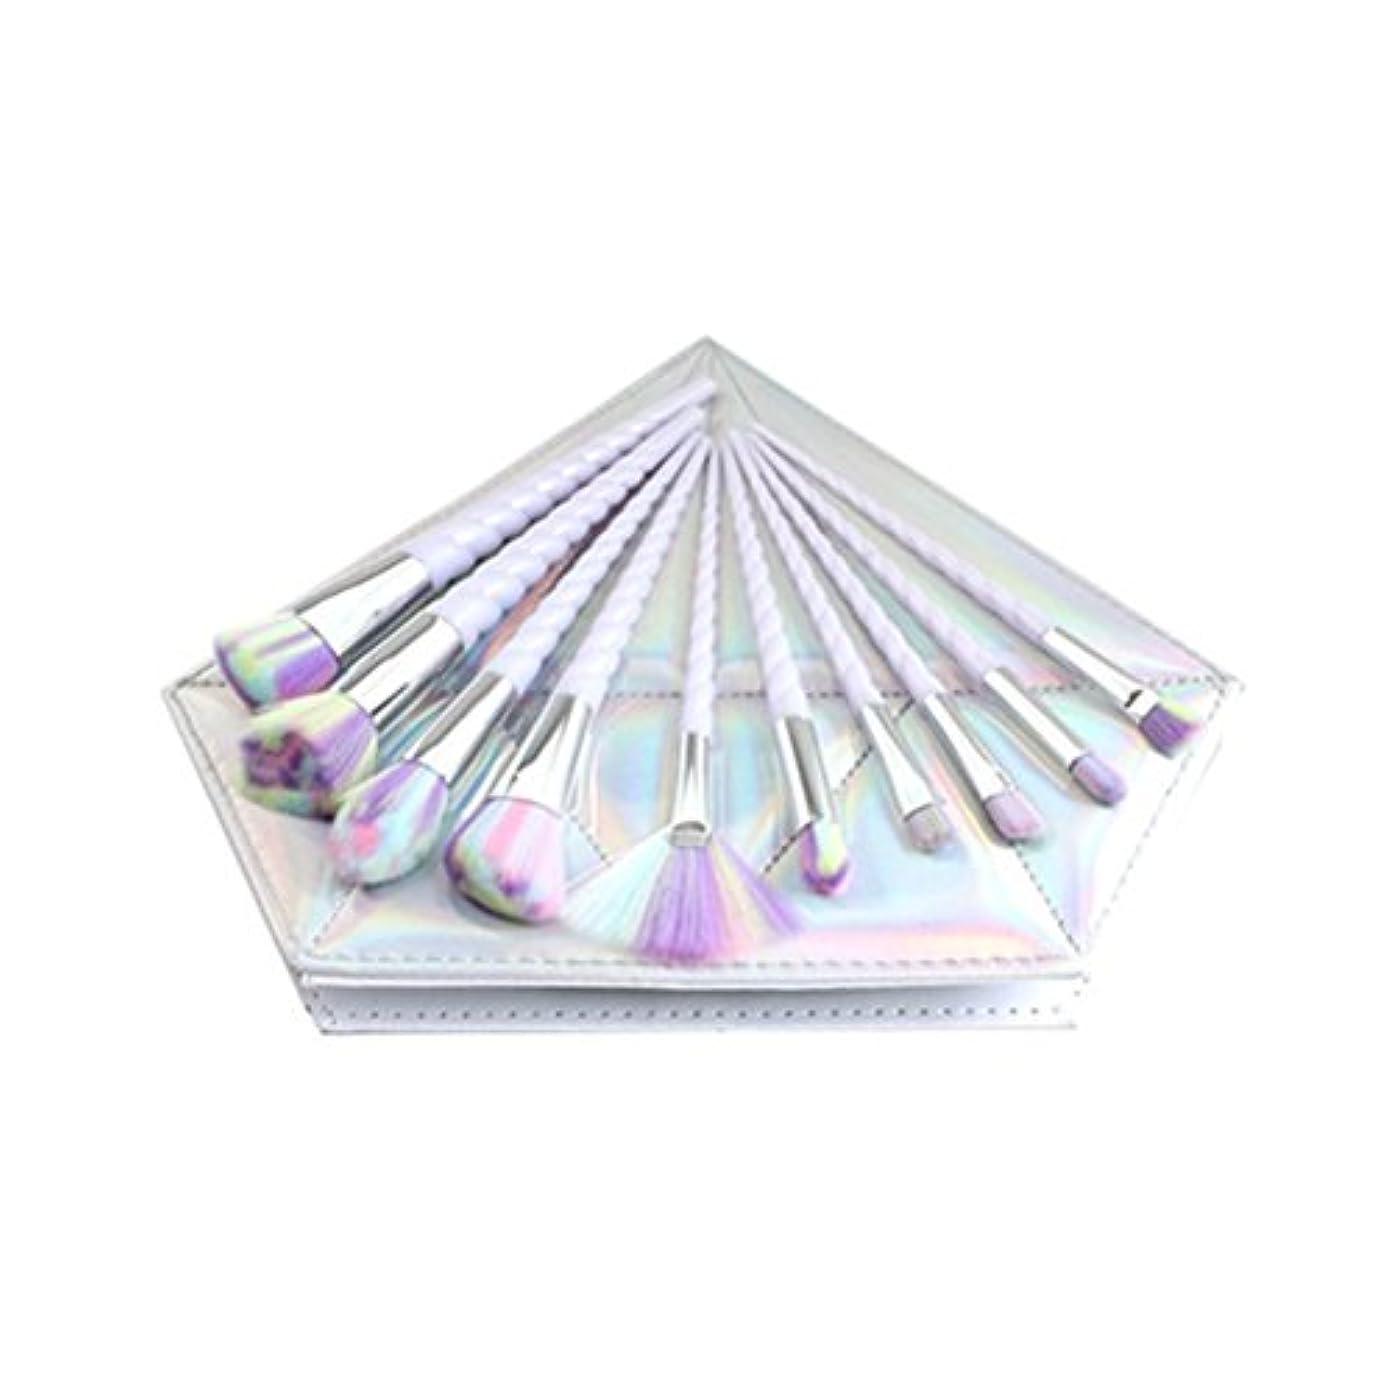 寄付する素朴な隙間Dilla Beauty 10本セットユニコーンデザインプラスチックハンドル形状メイクブラシセット合成毛ファンデーションブラシアイシャドーブラッシャー美容ツール美しい化粧品のバッグを送る (白いハンドル - 多色の毛)